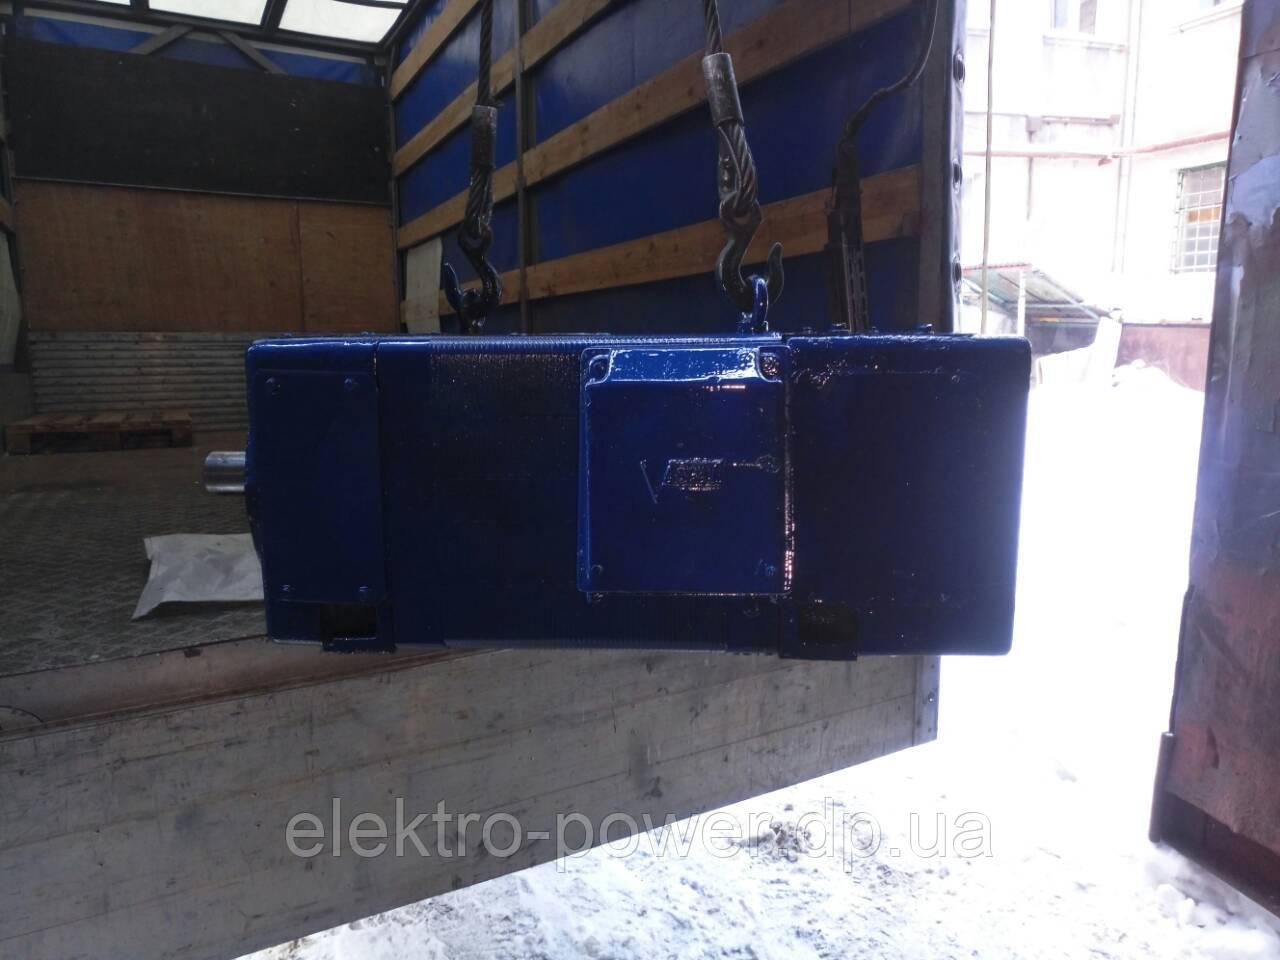 Электродвигатель постоянного тока ASCAT 94 кВт 1780 об/мин